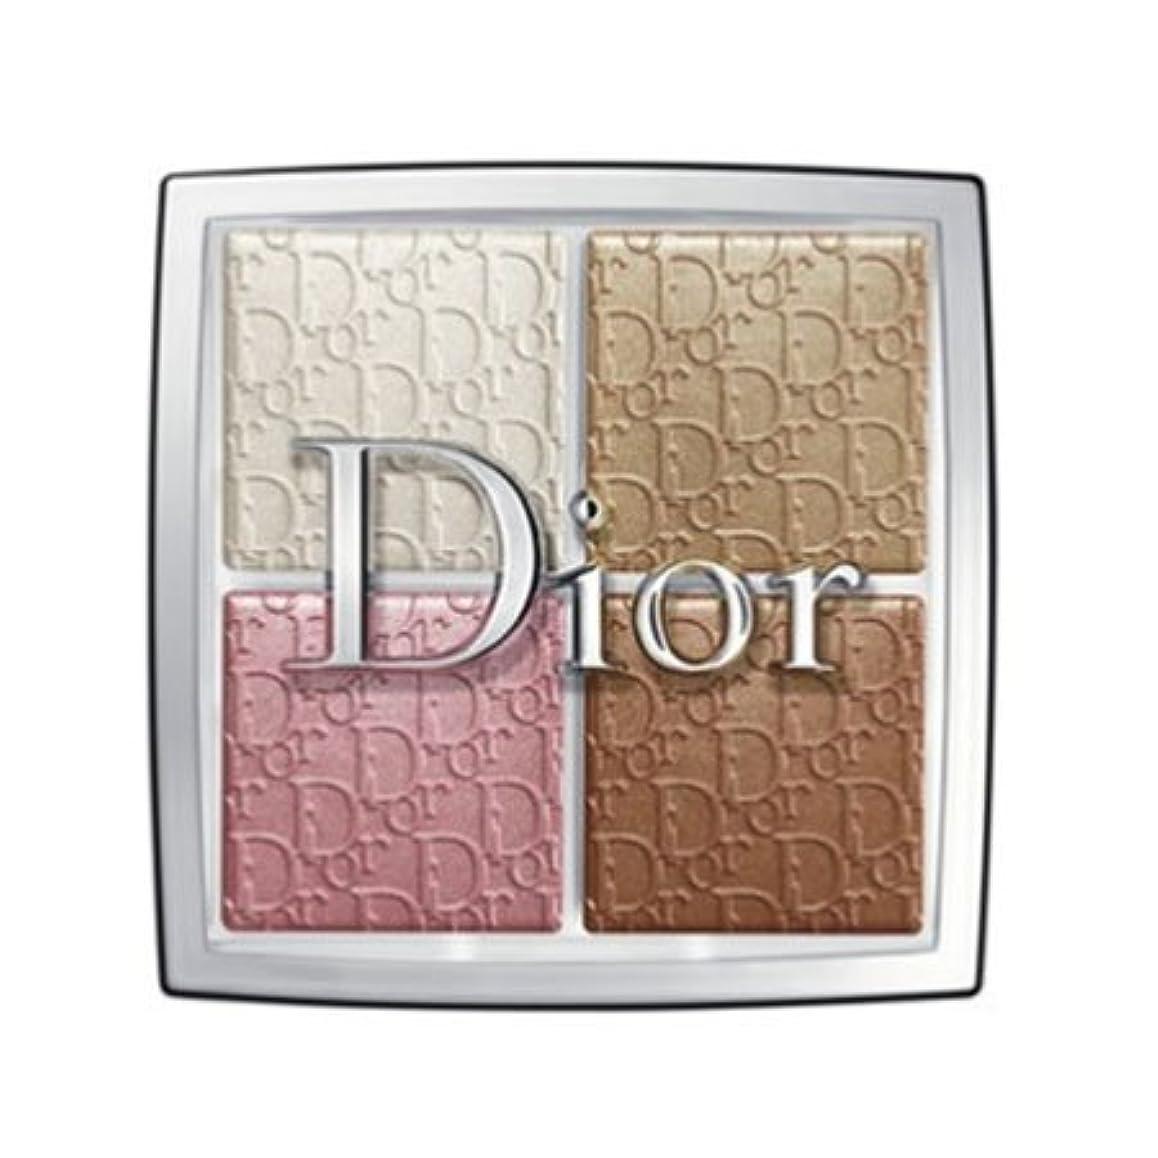 豊かにするチャレンジ息切れディオール バックステージ フェイス グロウ パレット -Dior-